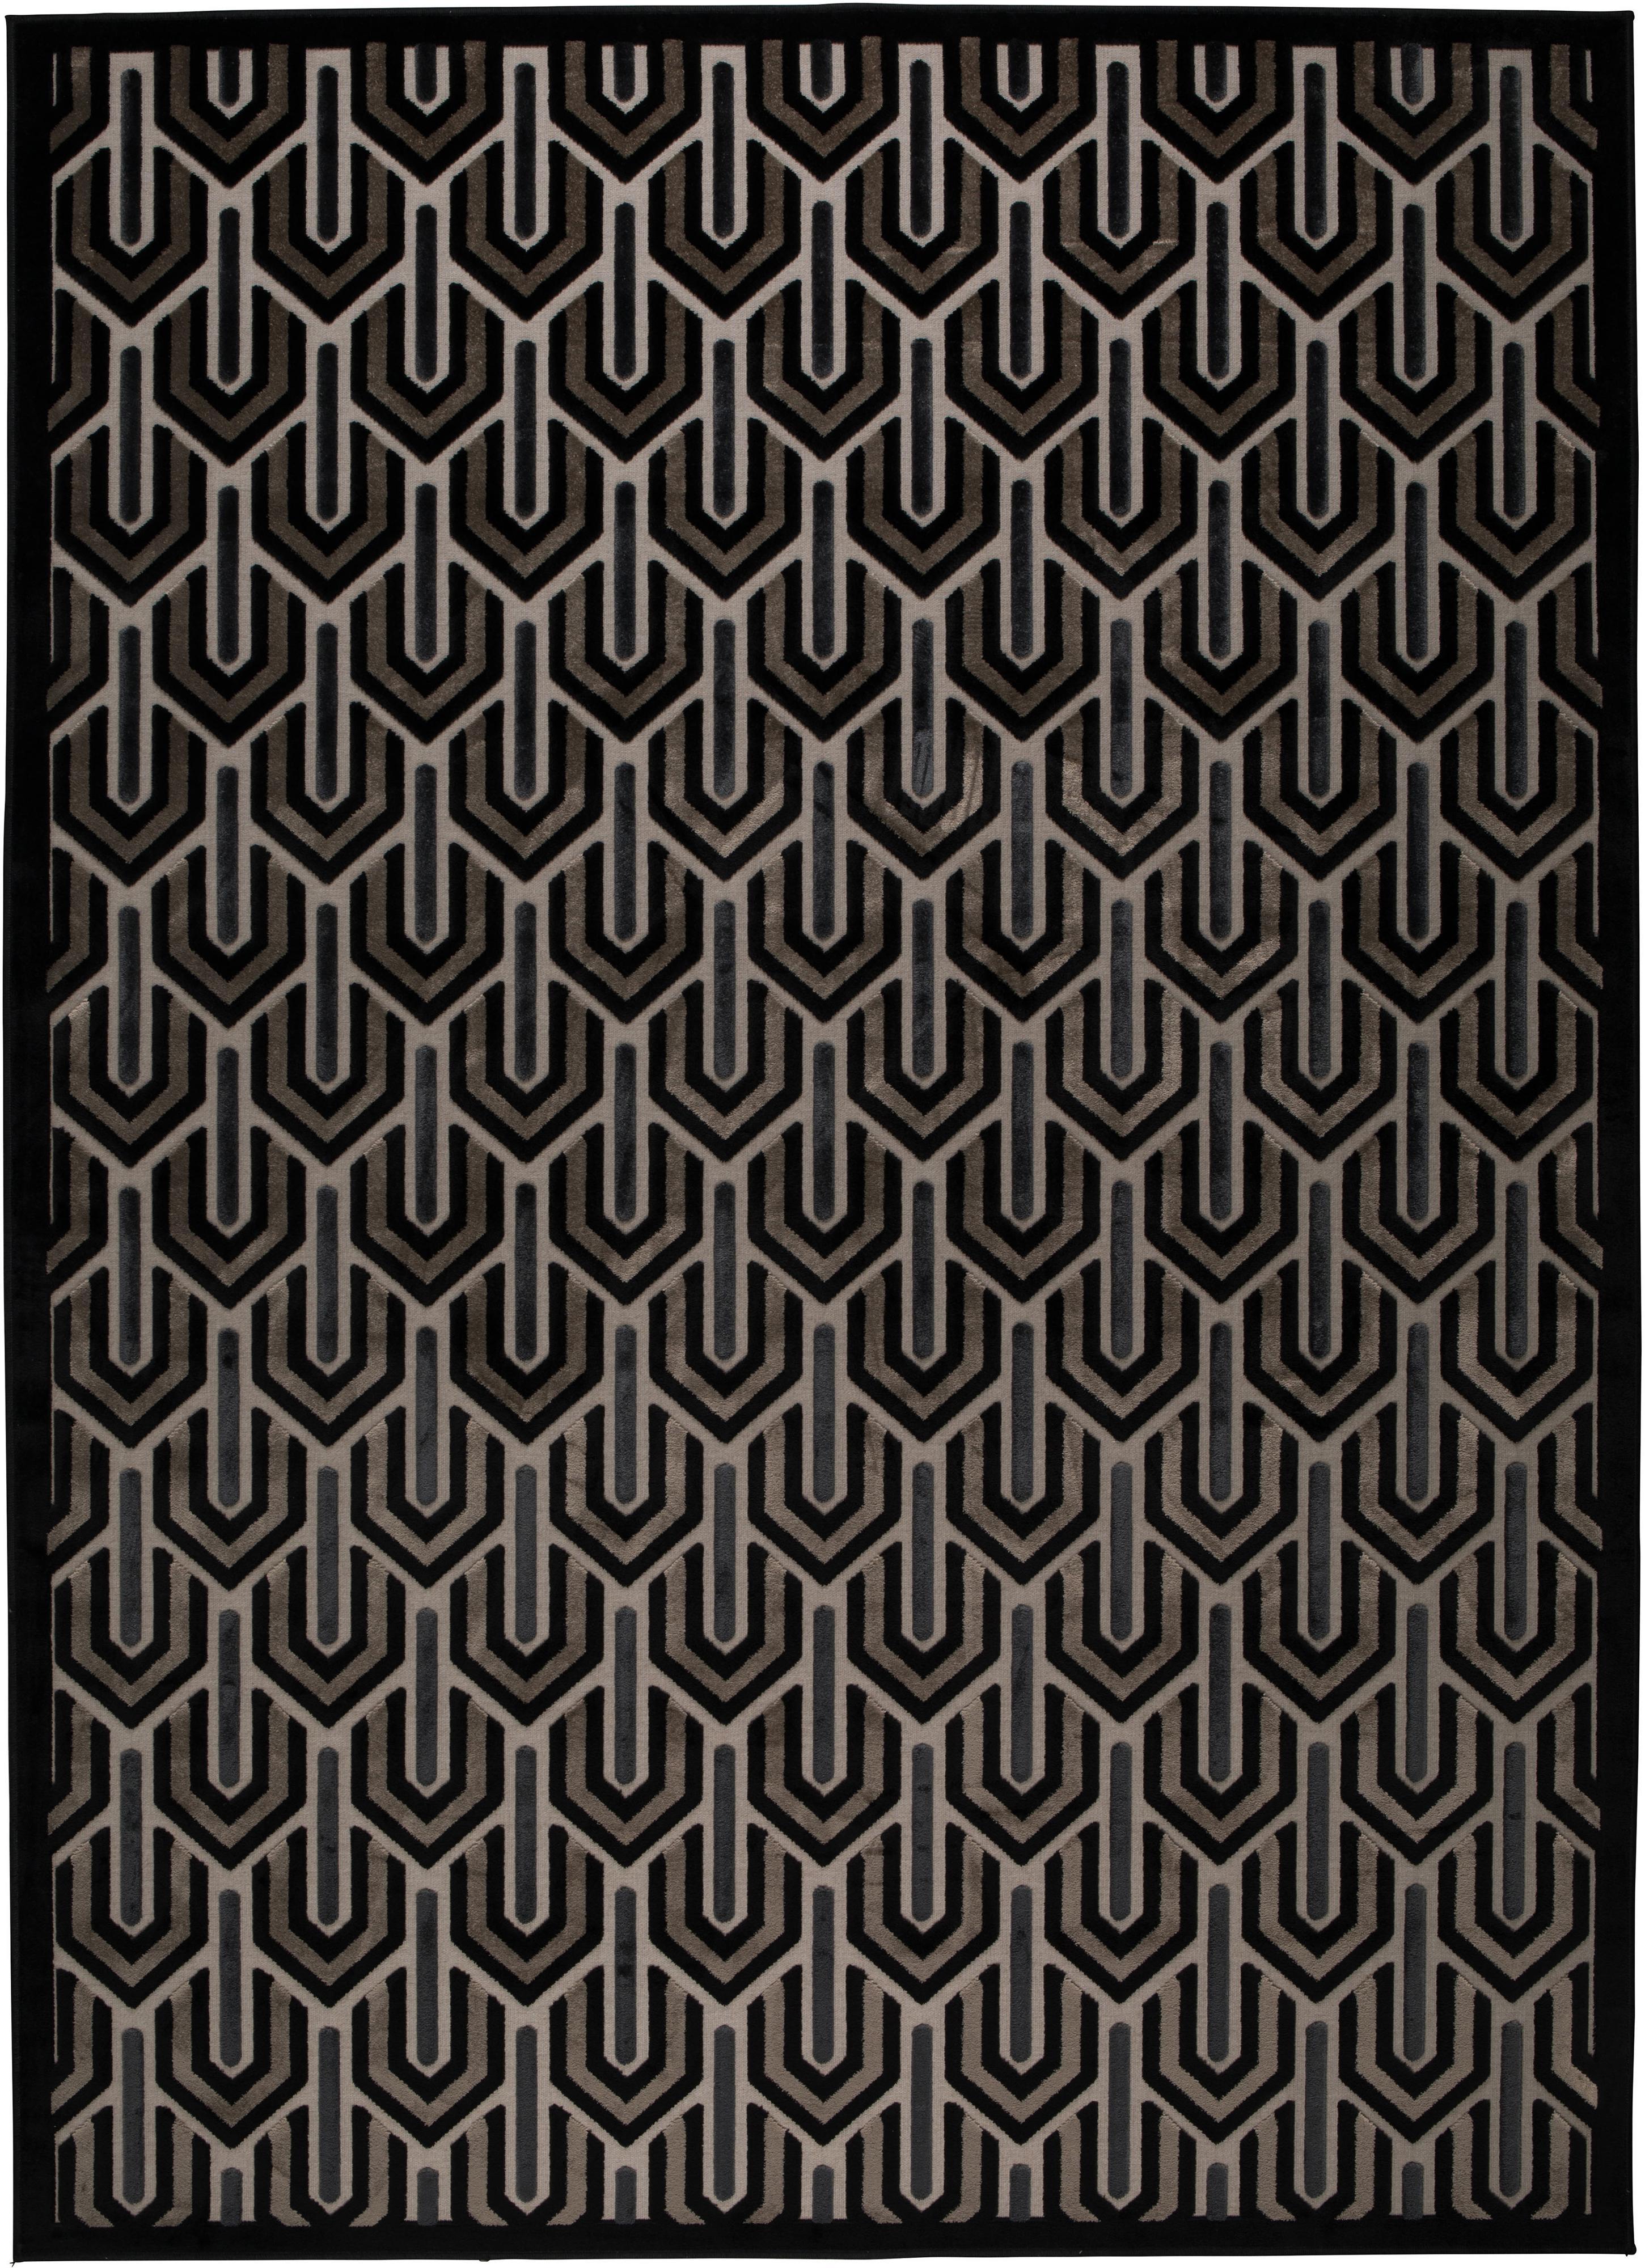 Teppich Beverly mit Hoch-Tief-Struktur, Flor: 57% Rayon, 31% Polyester,, Schwarz, Beige, Grau, B 170 x L 240 cm (Grösse M)